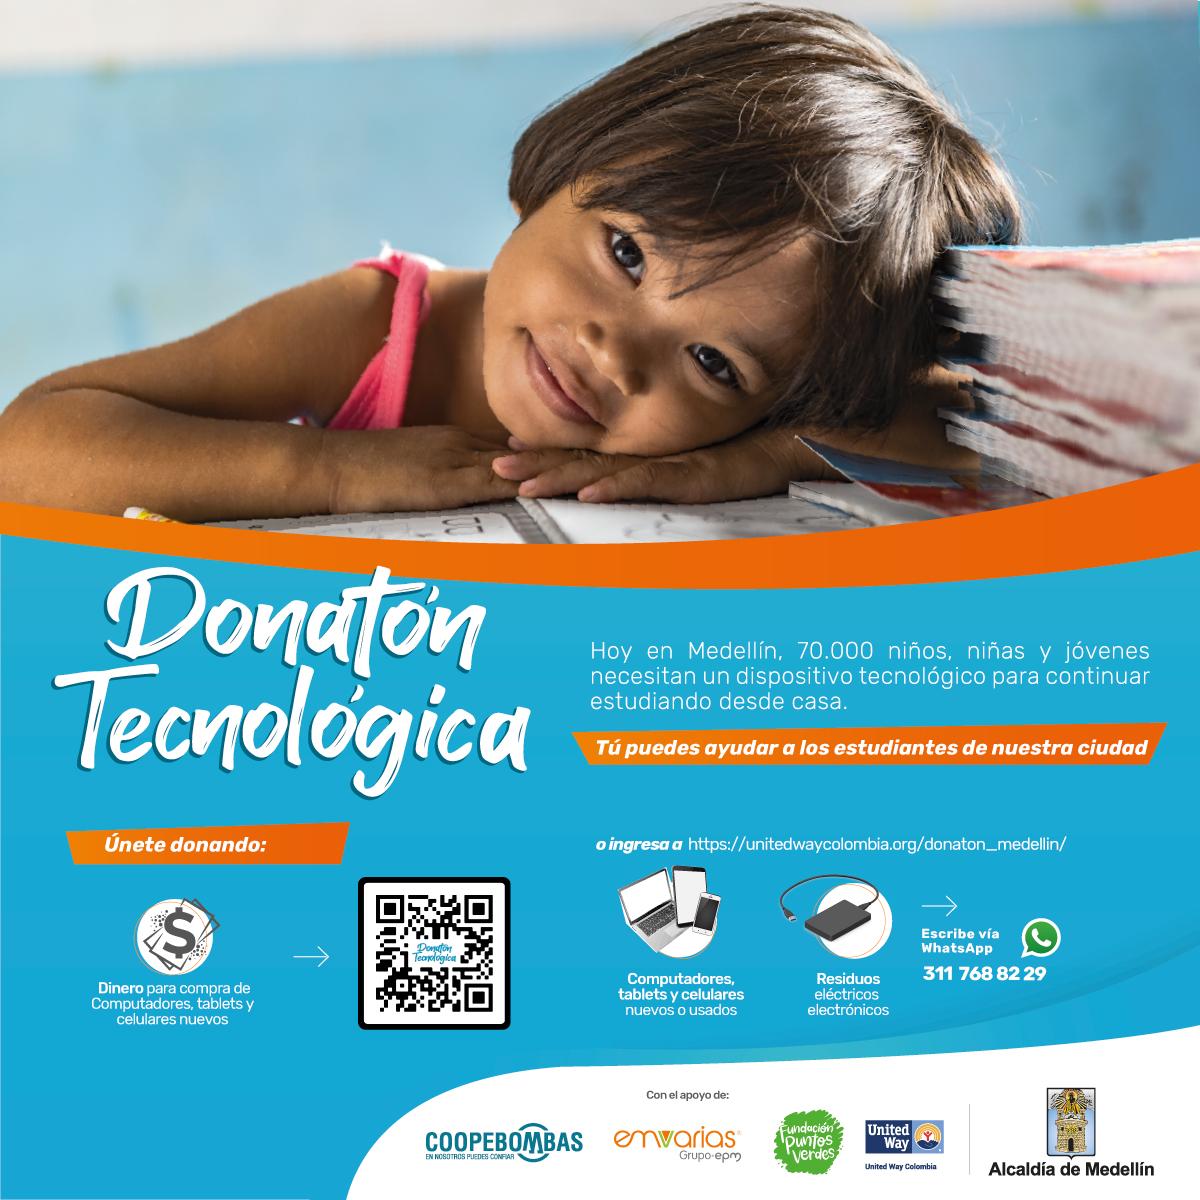 Donatón tecnológica